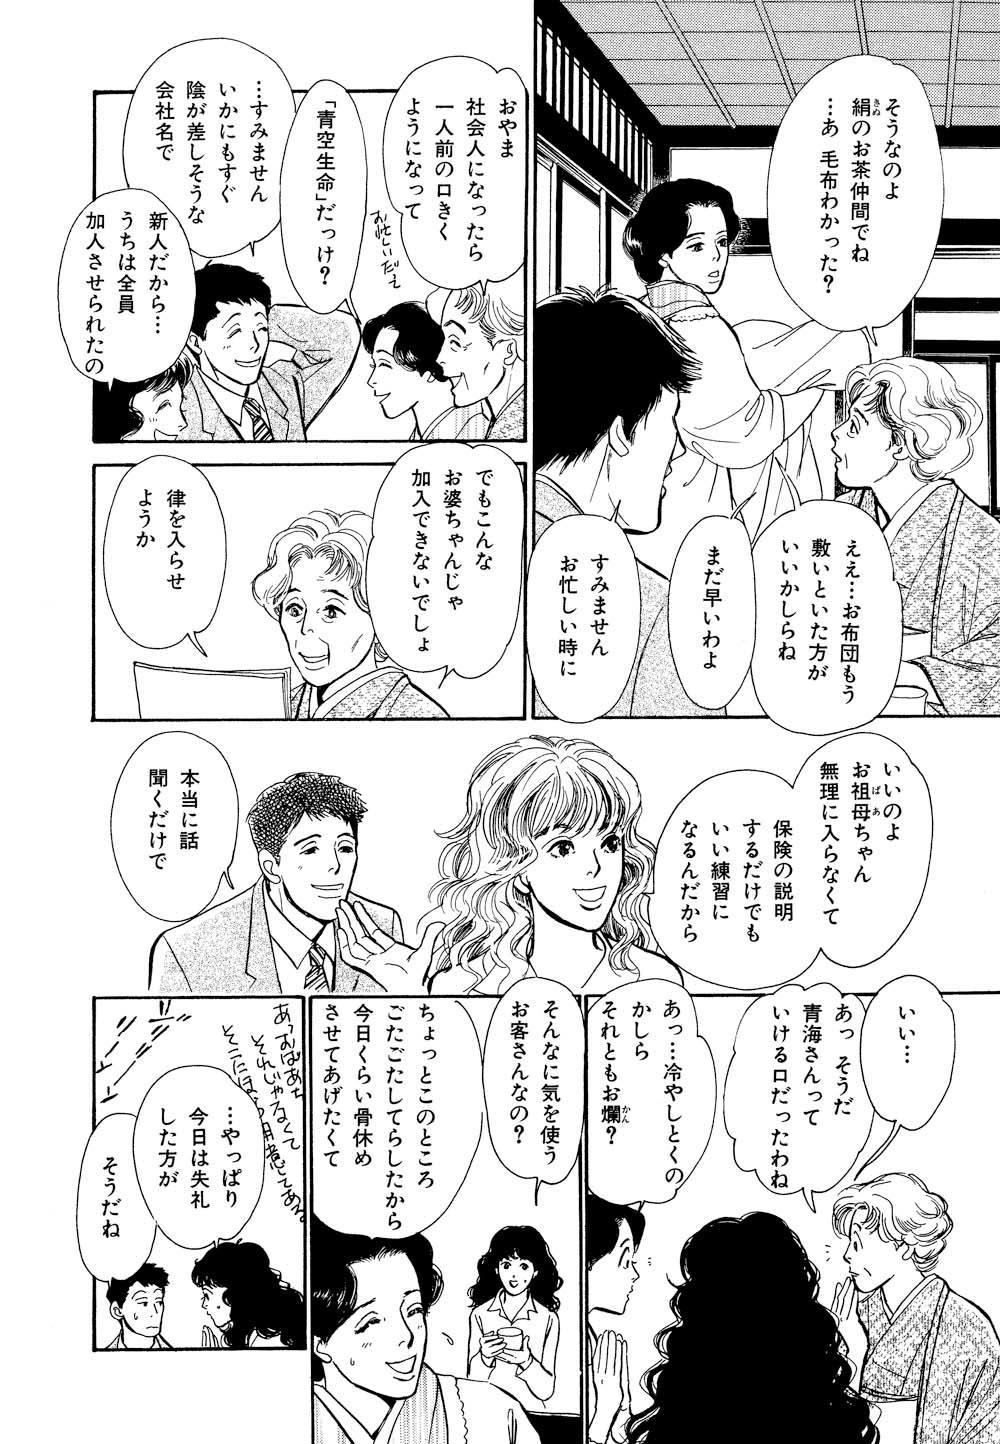 百鬼夜行抄_09_0130.jpg